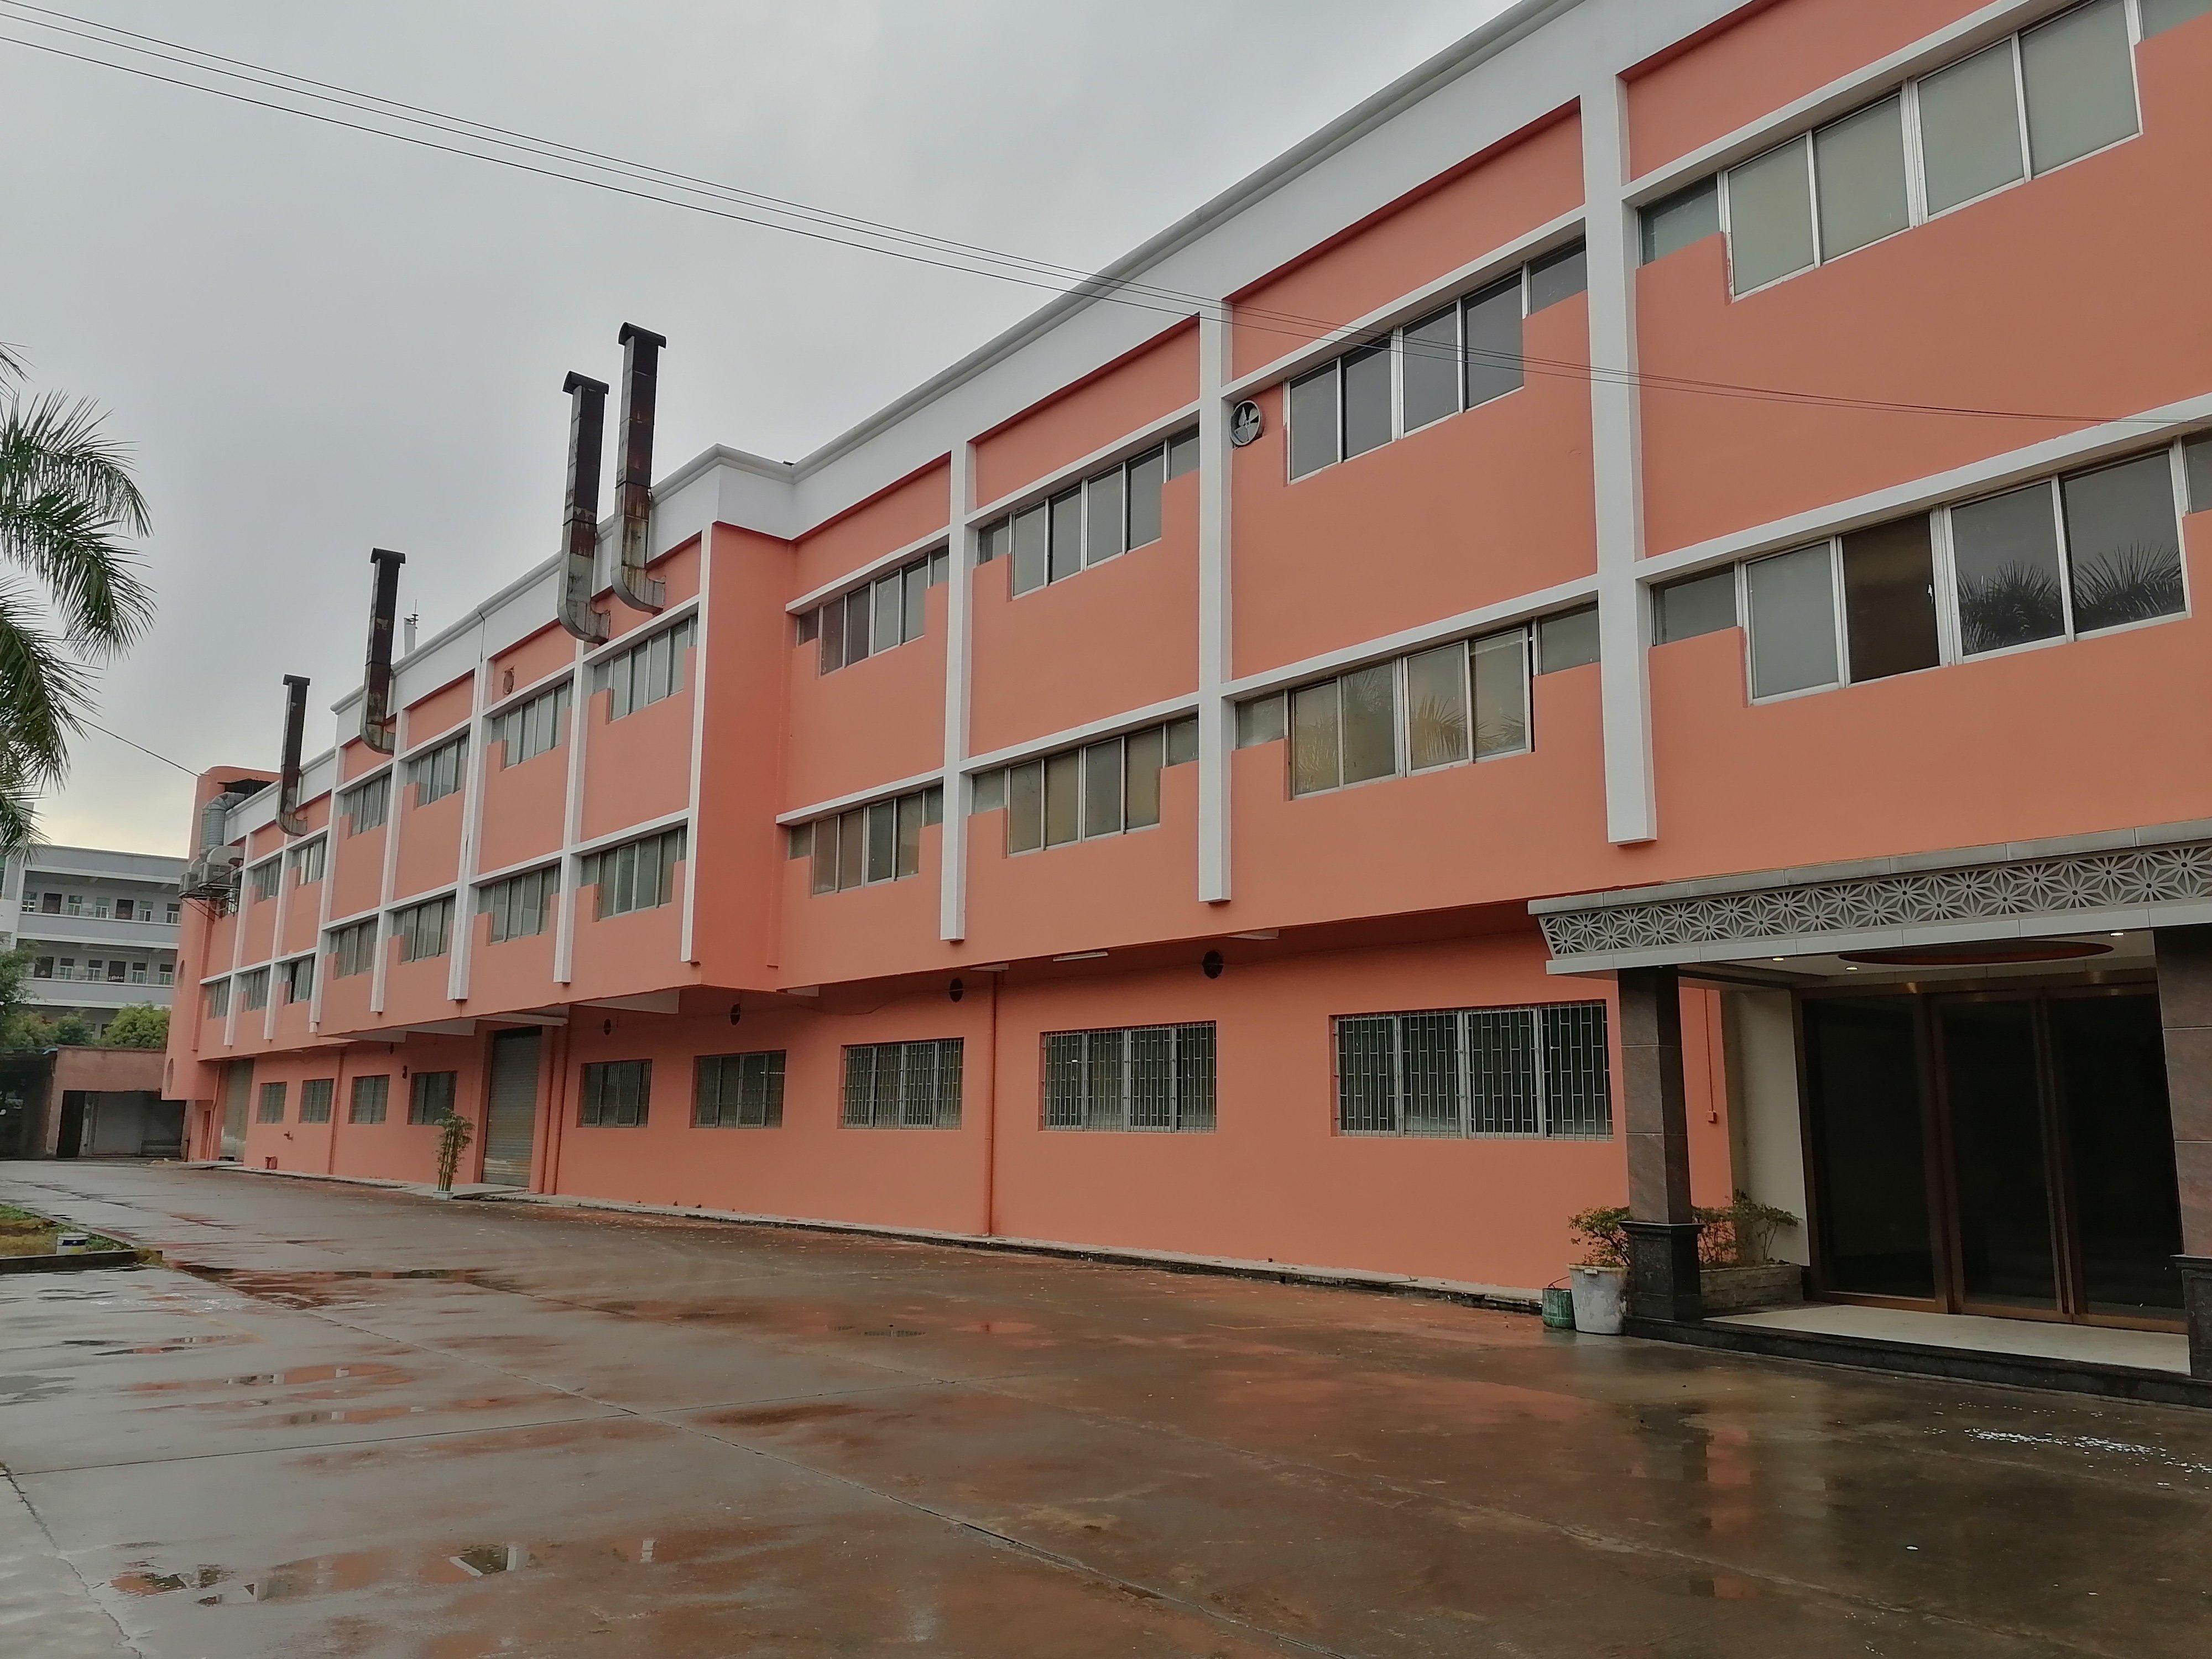 石排镇独院标准重工业厂房出租